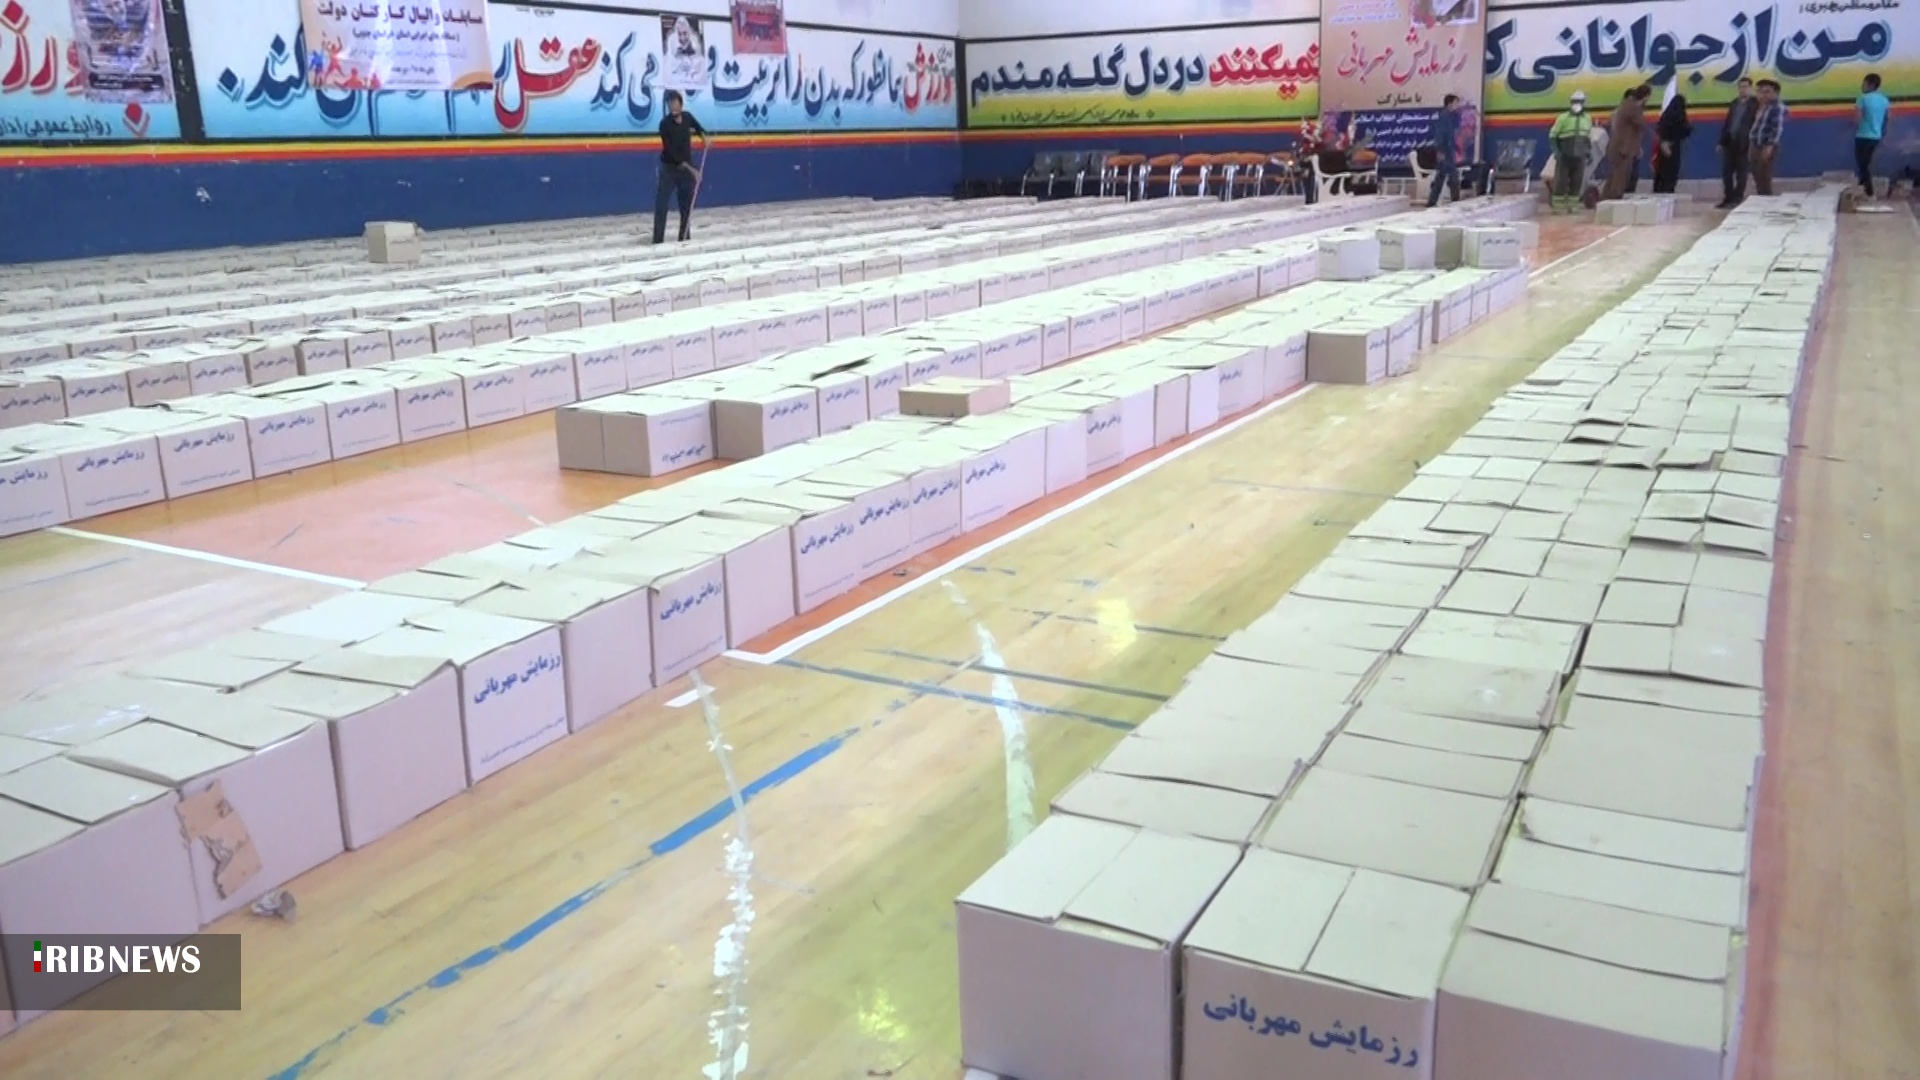 توزیع بستههای معیشتی بین ۲ هزار و ۸۶۰ خانوار در شهرستان بیرجند